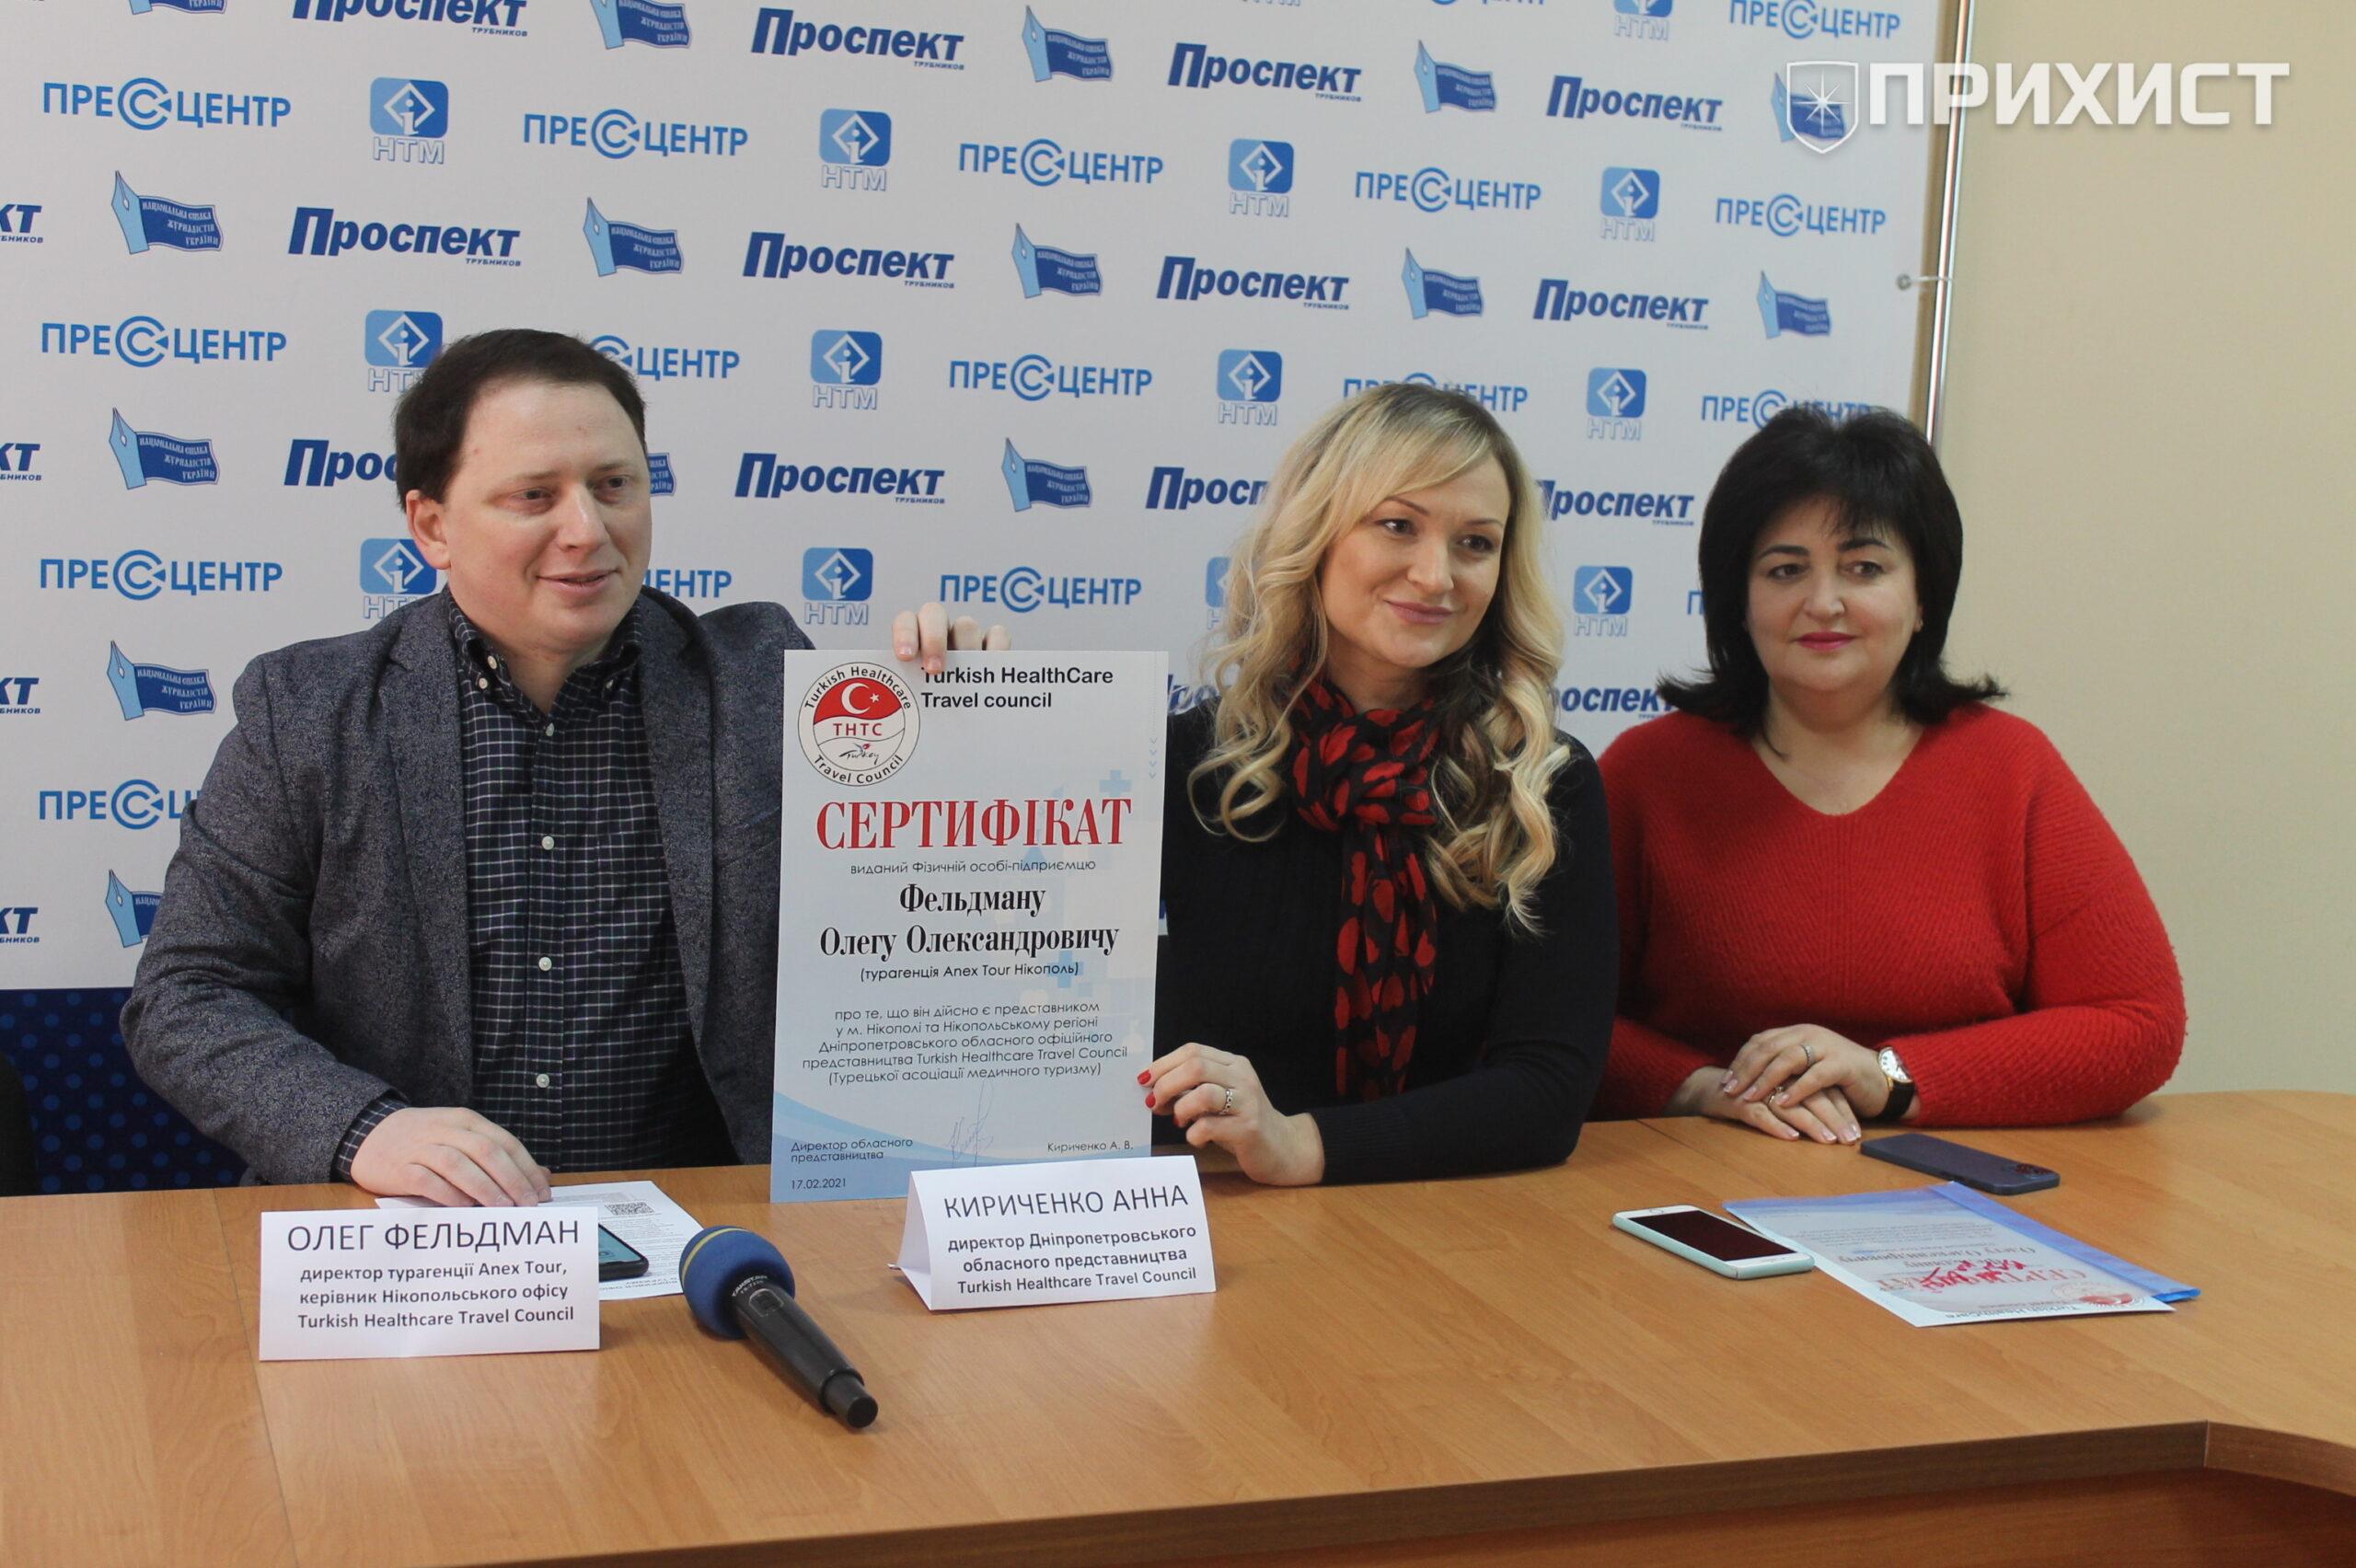 В Никополе открылся офис турецкой ассоциации медицинского туризма   Прихист